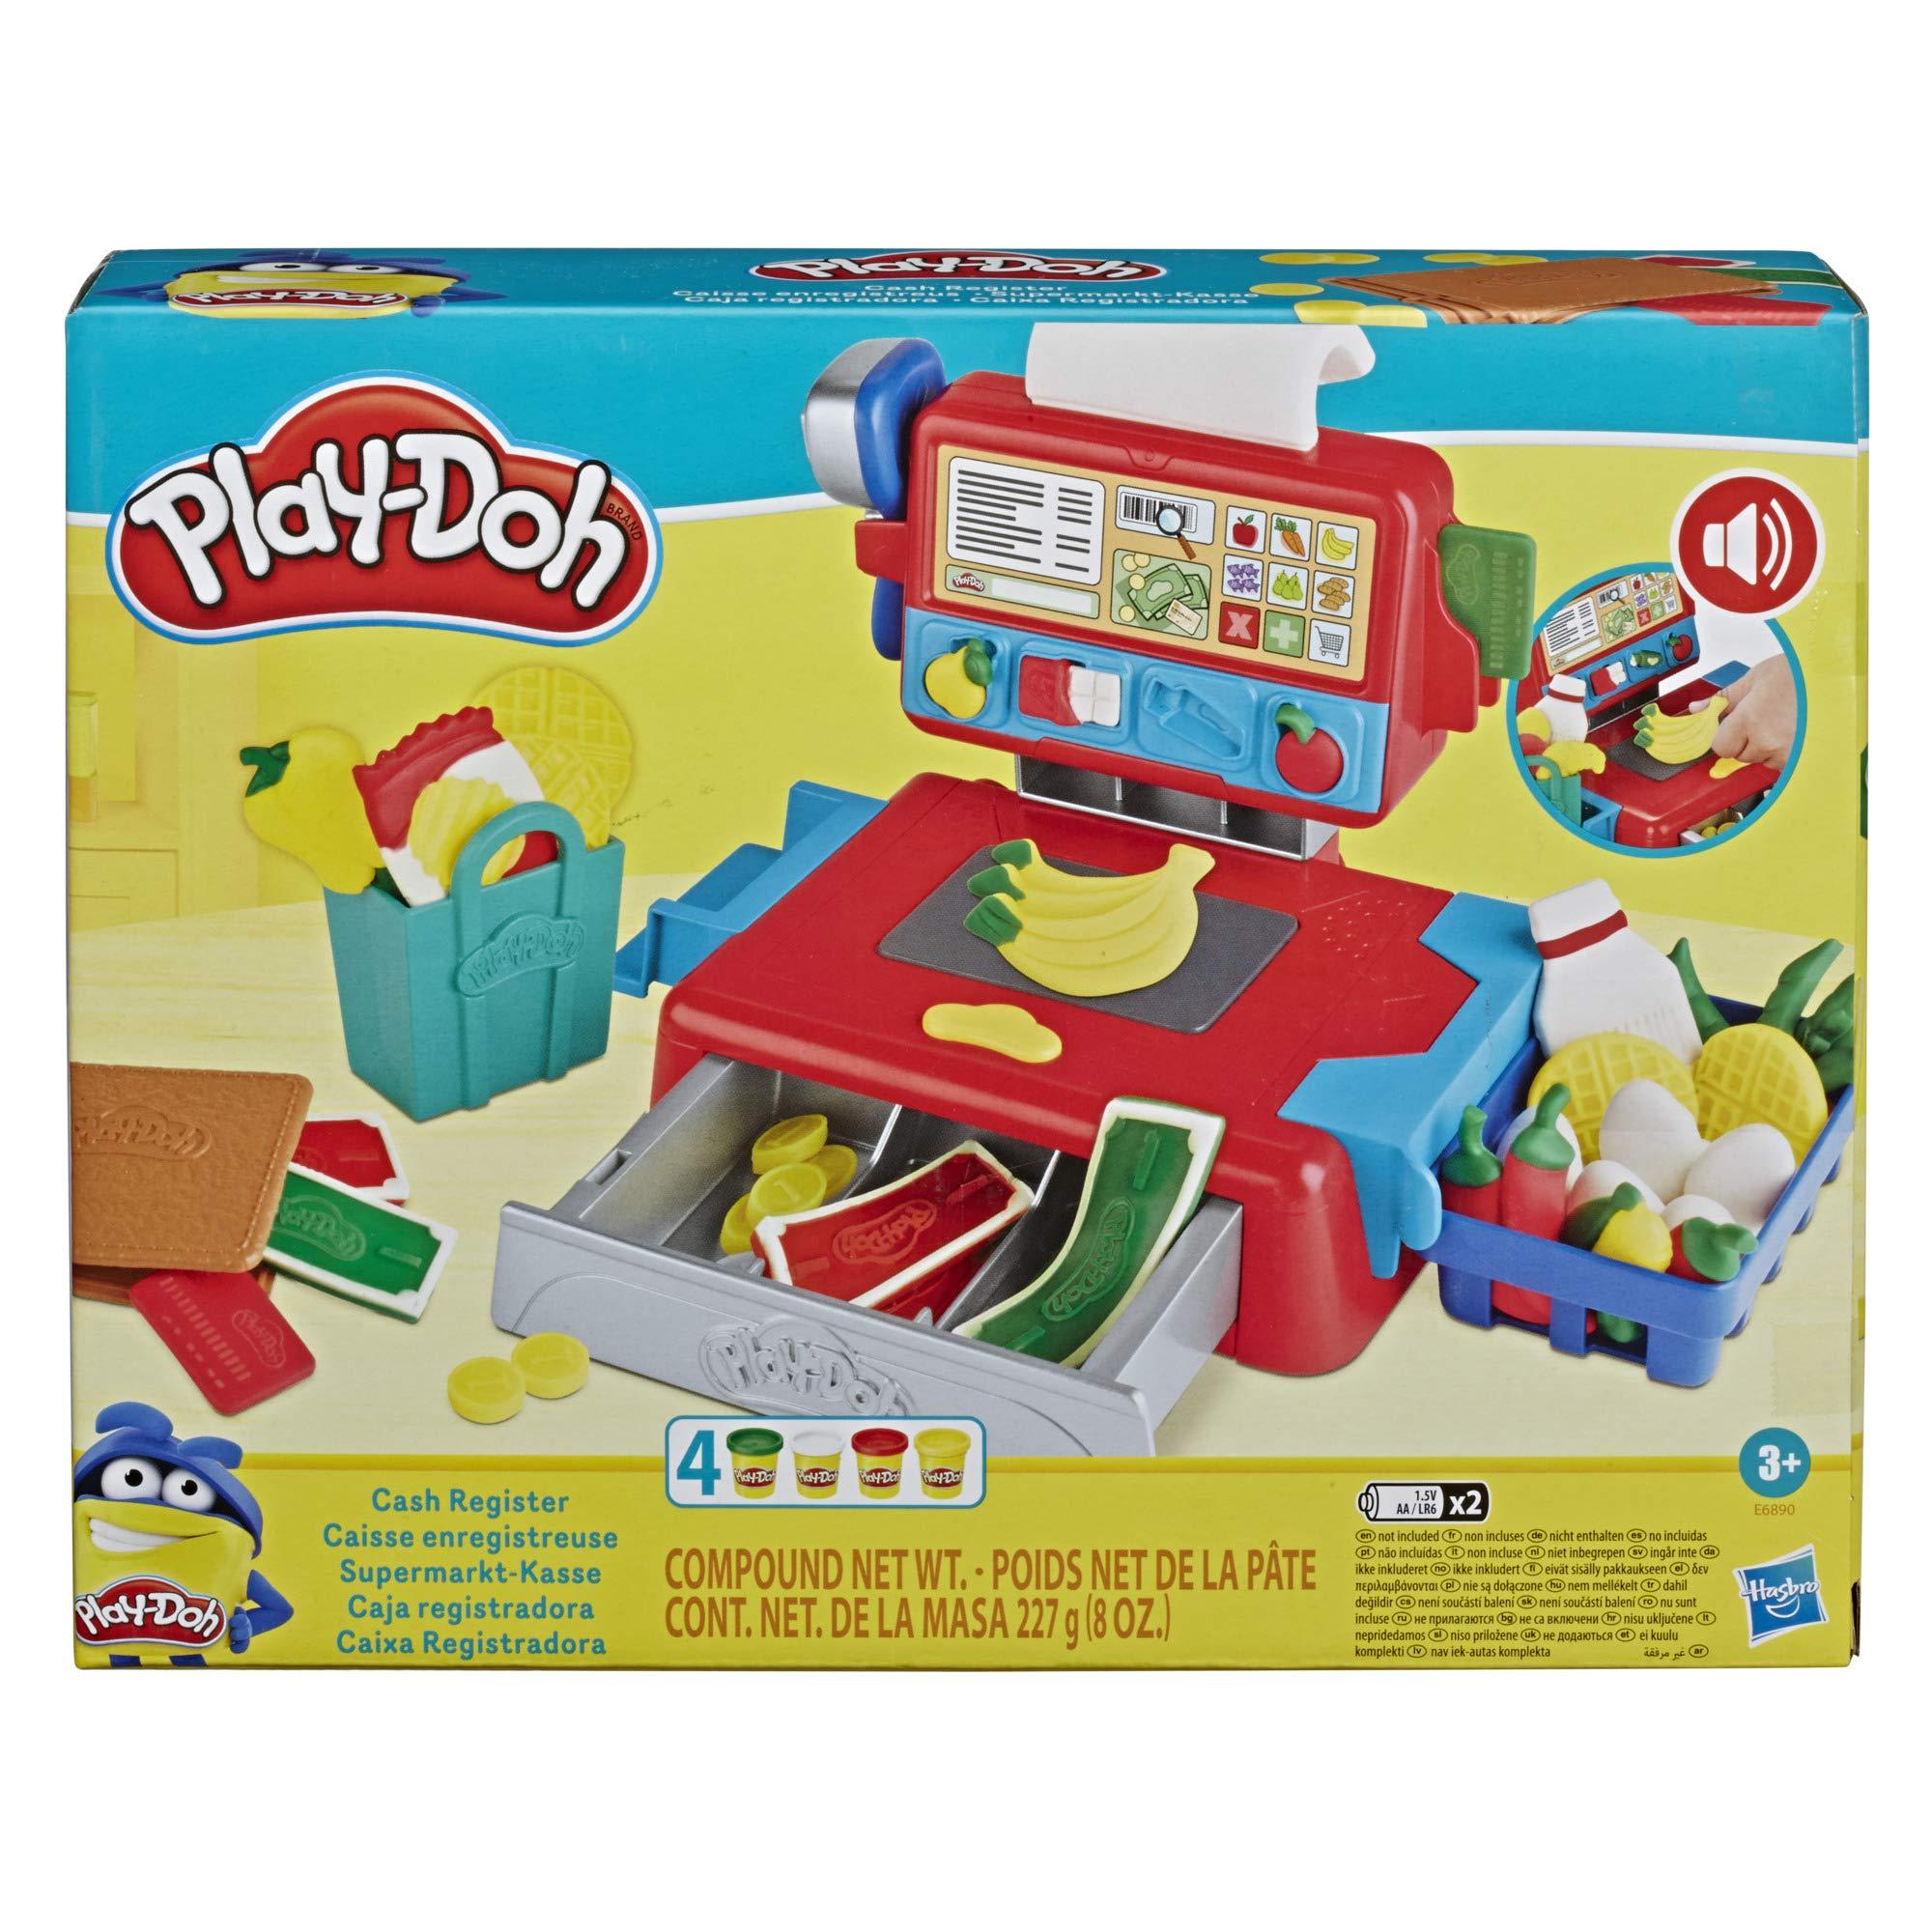 Play-Doh Caja registradora de Juguete para niños de 3 años en adelante con Divertidos Sonidos, Accesorios de Comida y 4 Colores no tóxicos (Hasbro E6890): Amazon.es: Juguetes y juegos